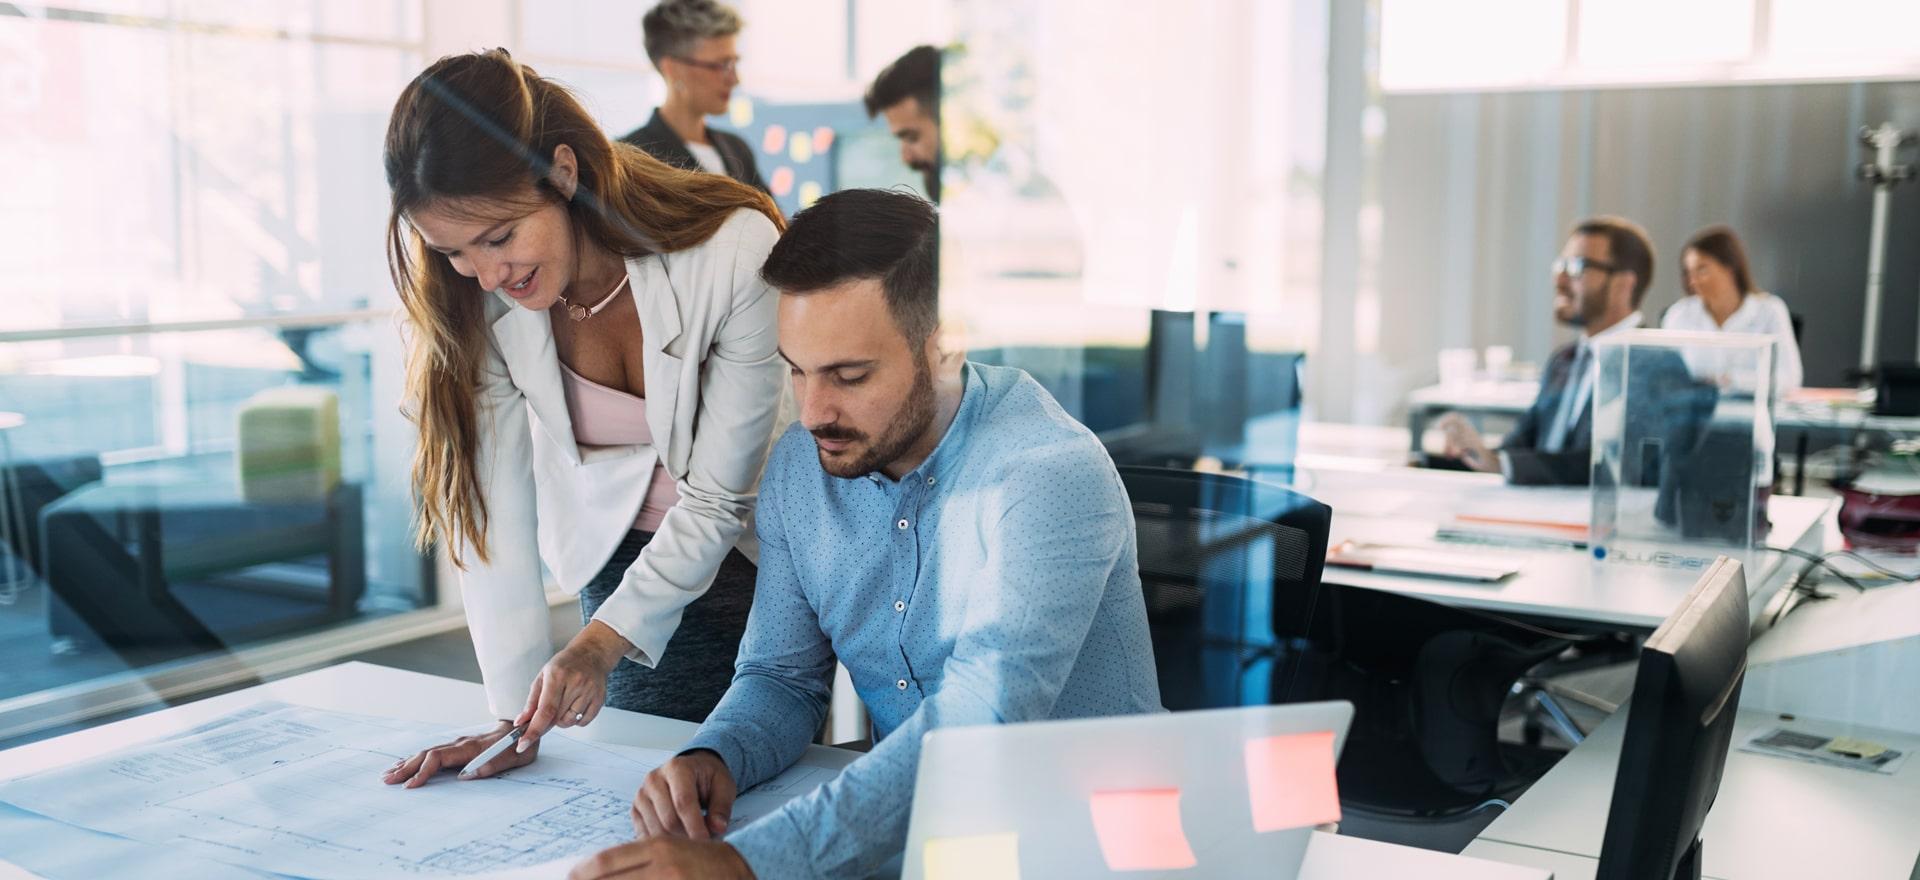 Vacature medewerker contract en debiteurenbeheer